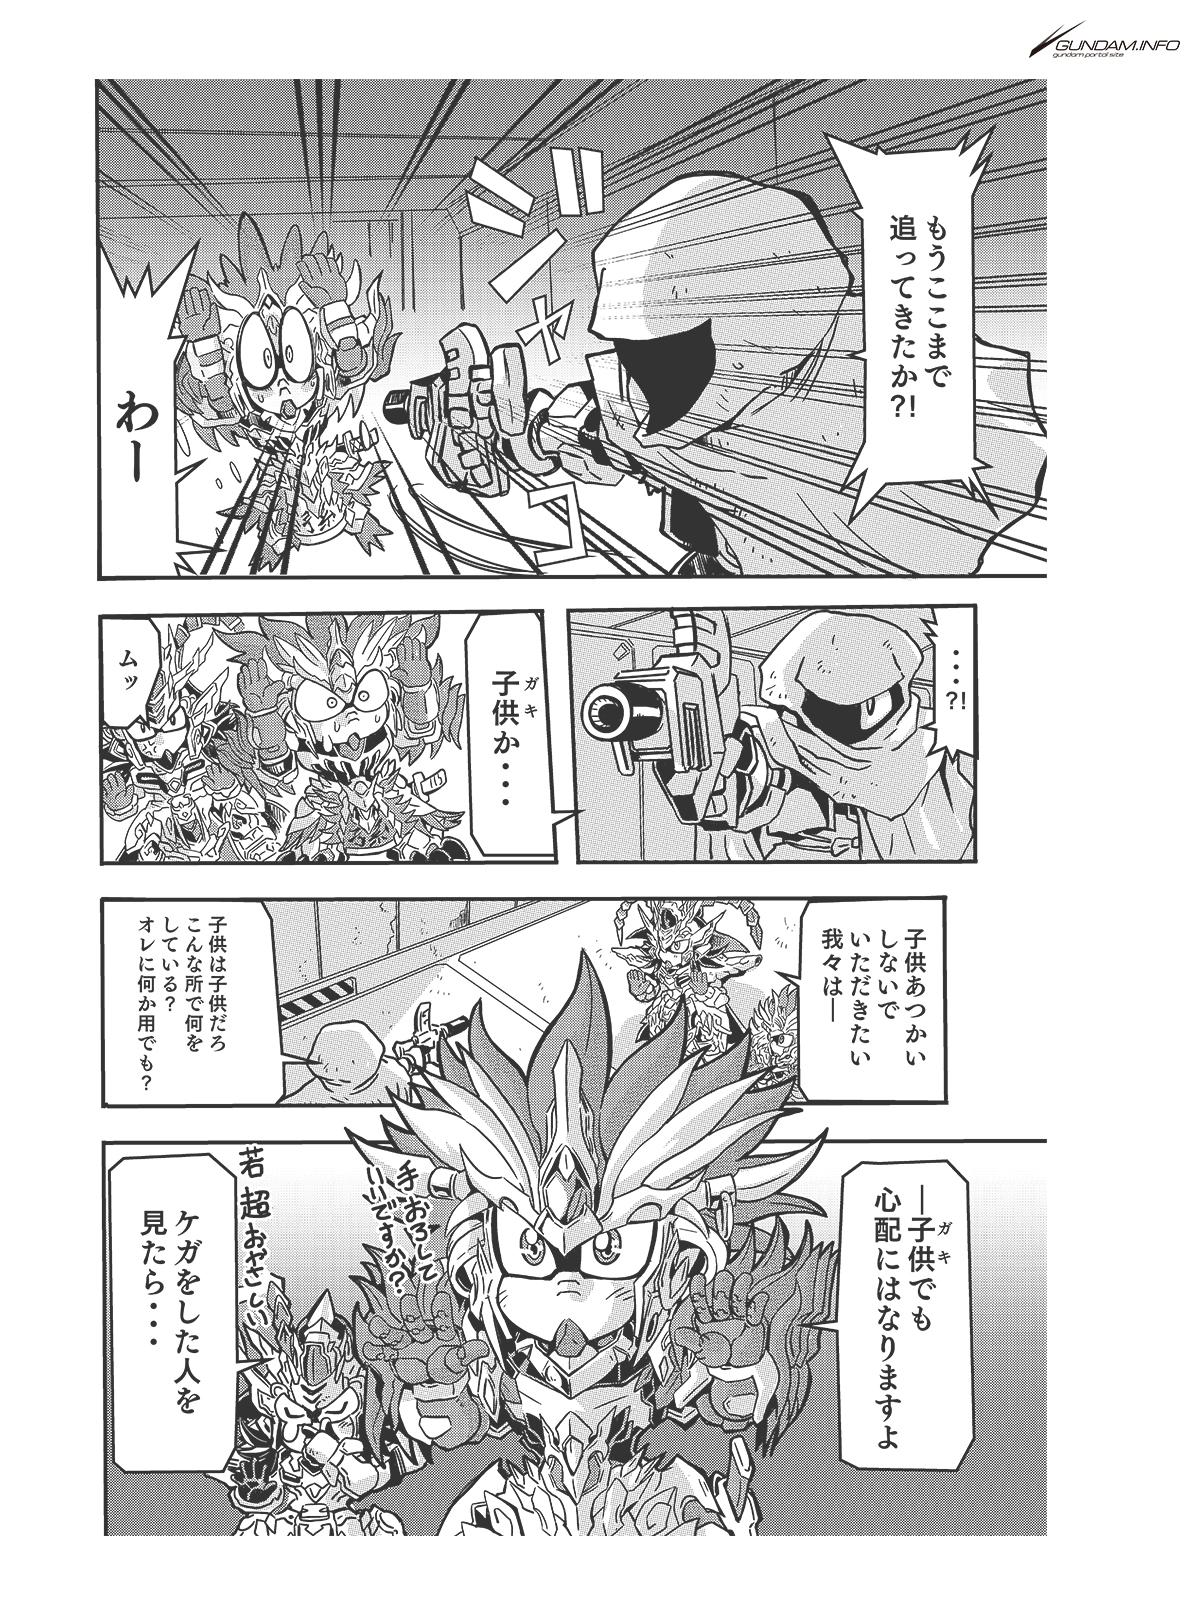 SDガンダムワールド 三国創傑伝 焔虎譚 第3話 P6